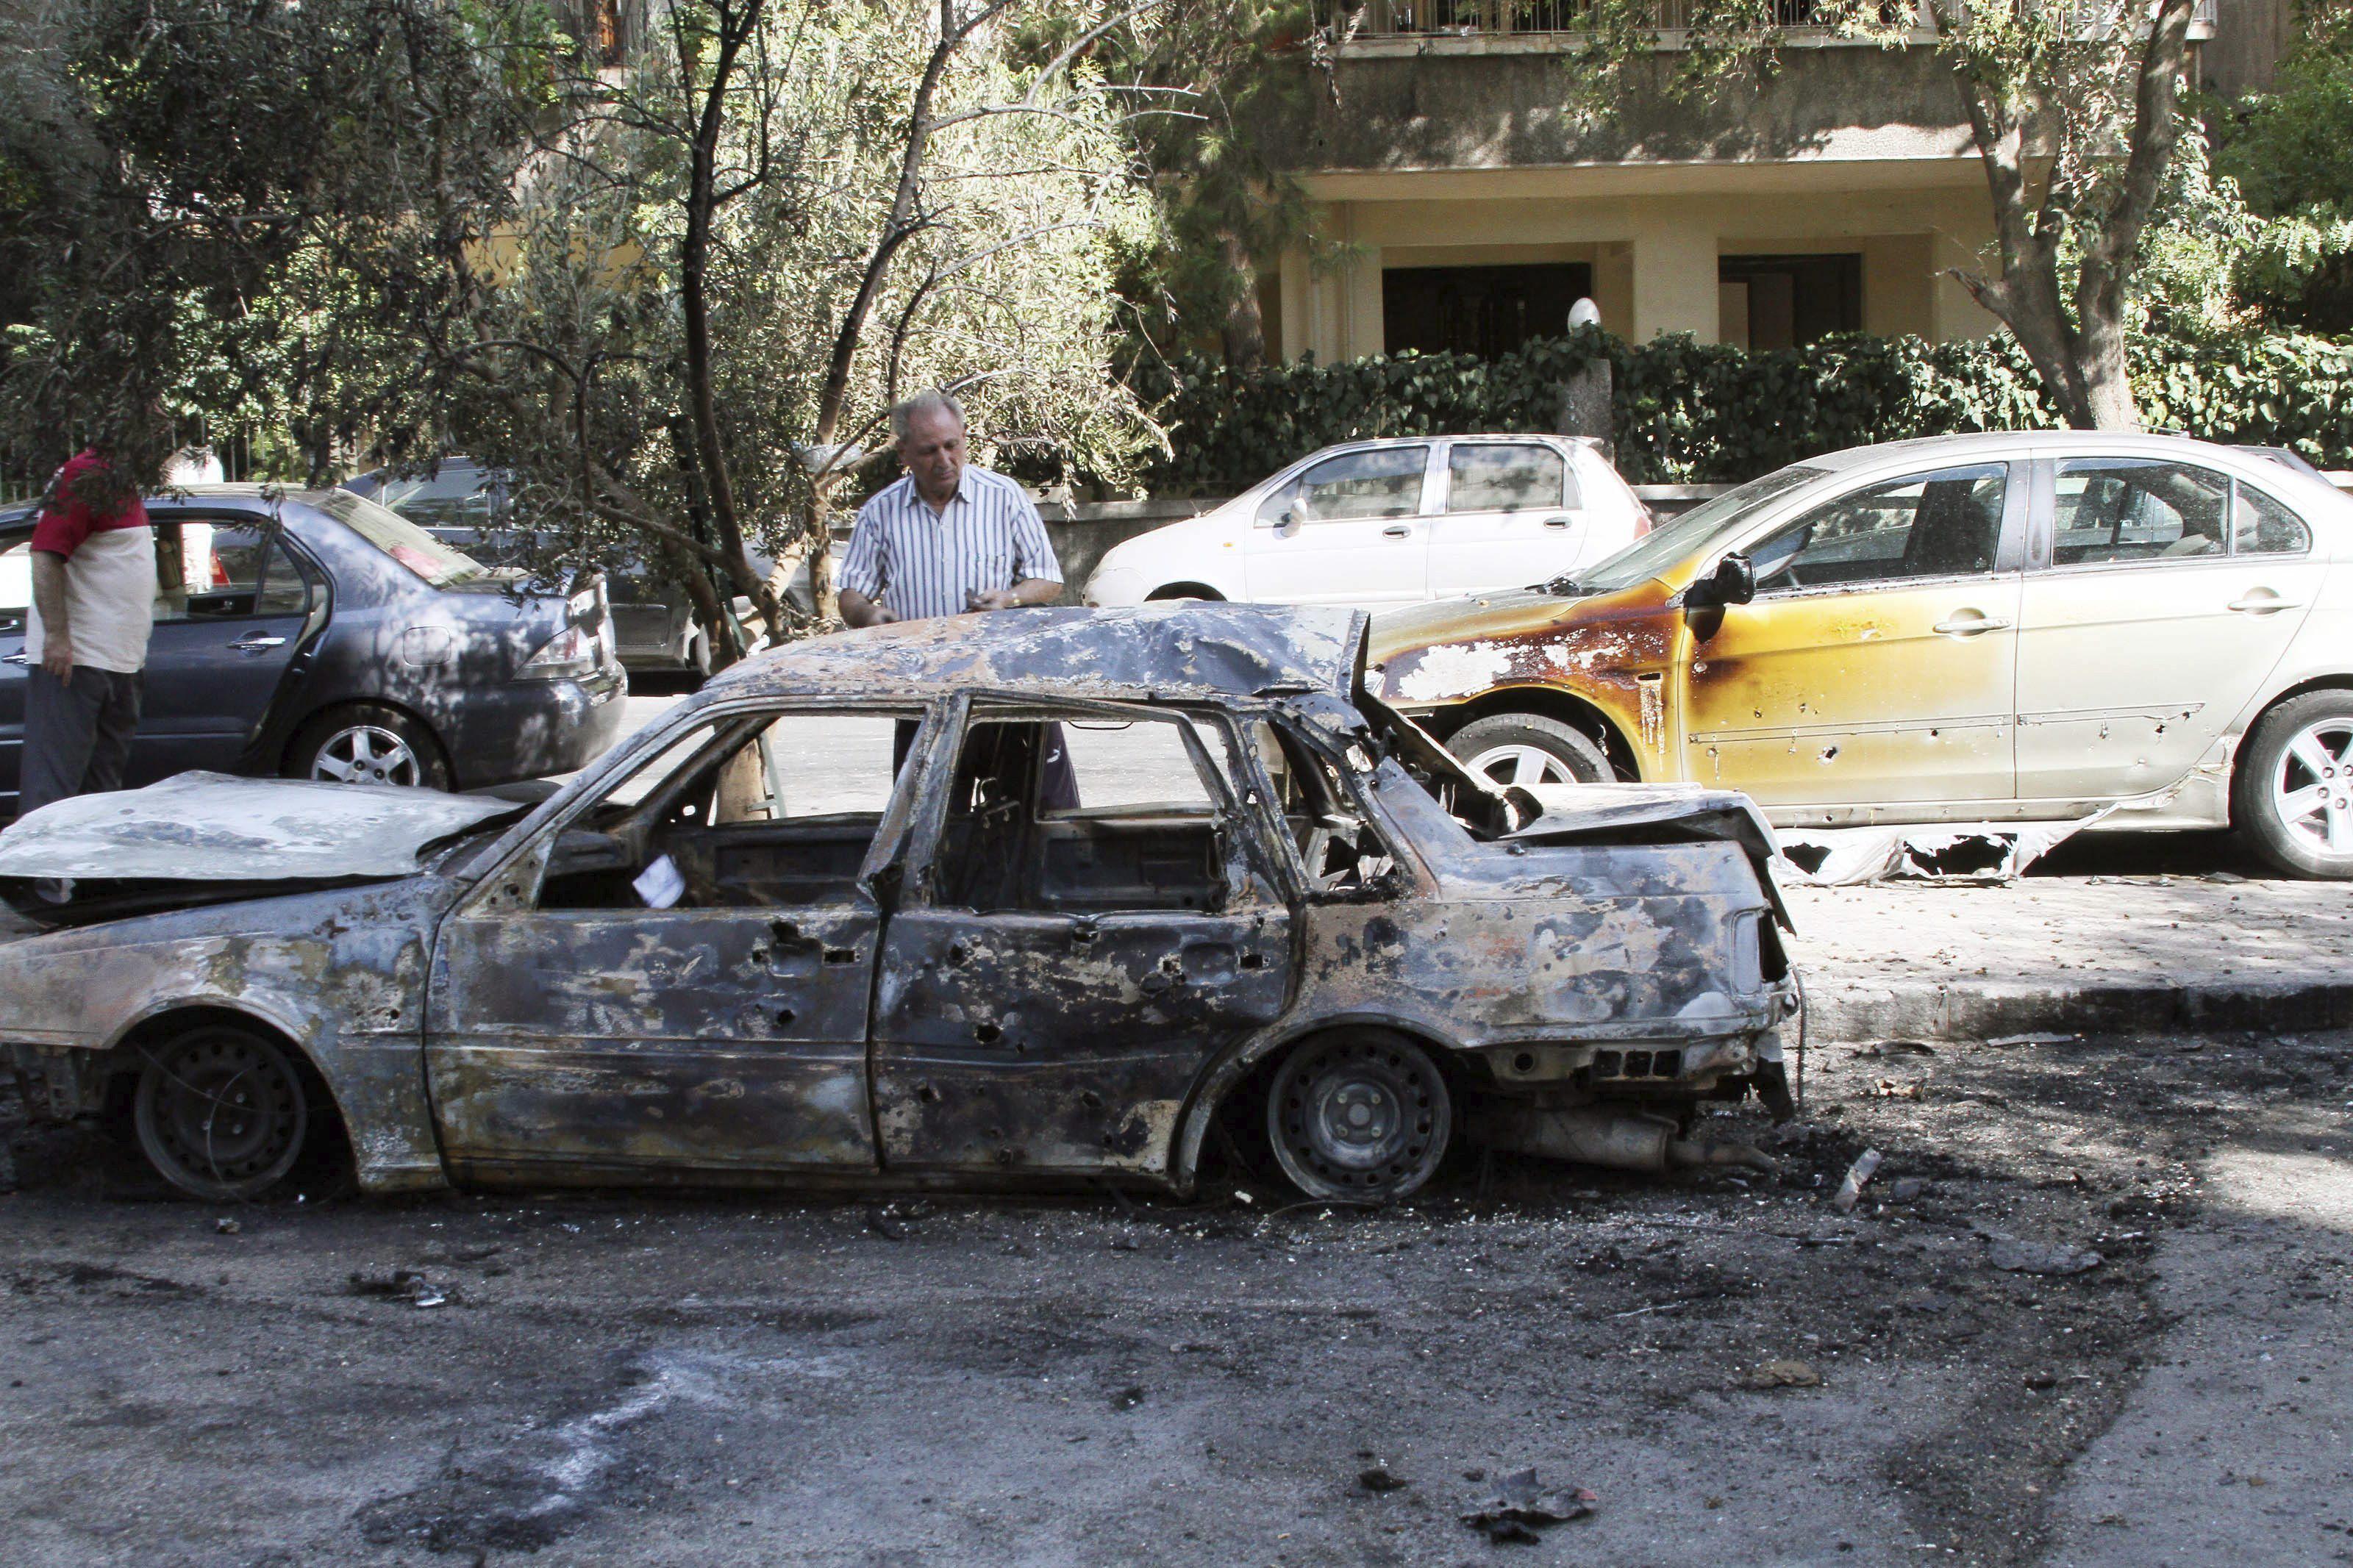 La inteligencia de EEUU escuchó conversaciones del ejército sirio horas después del ataque químico